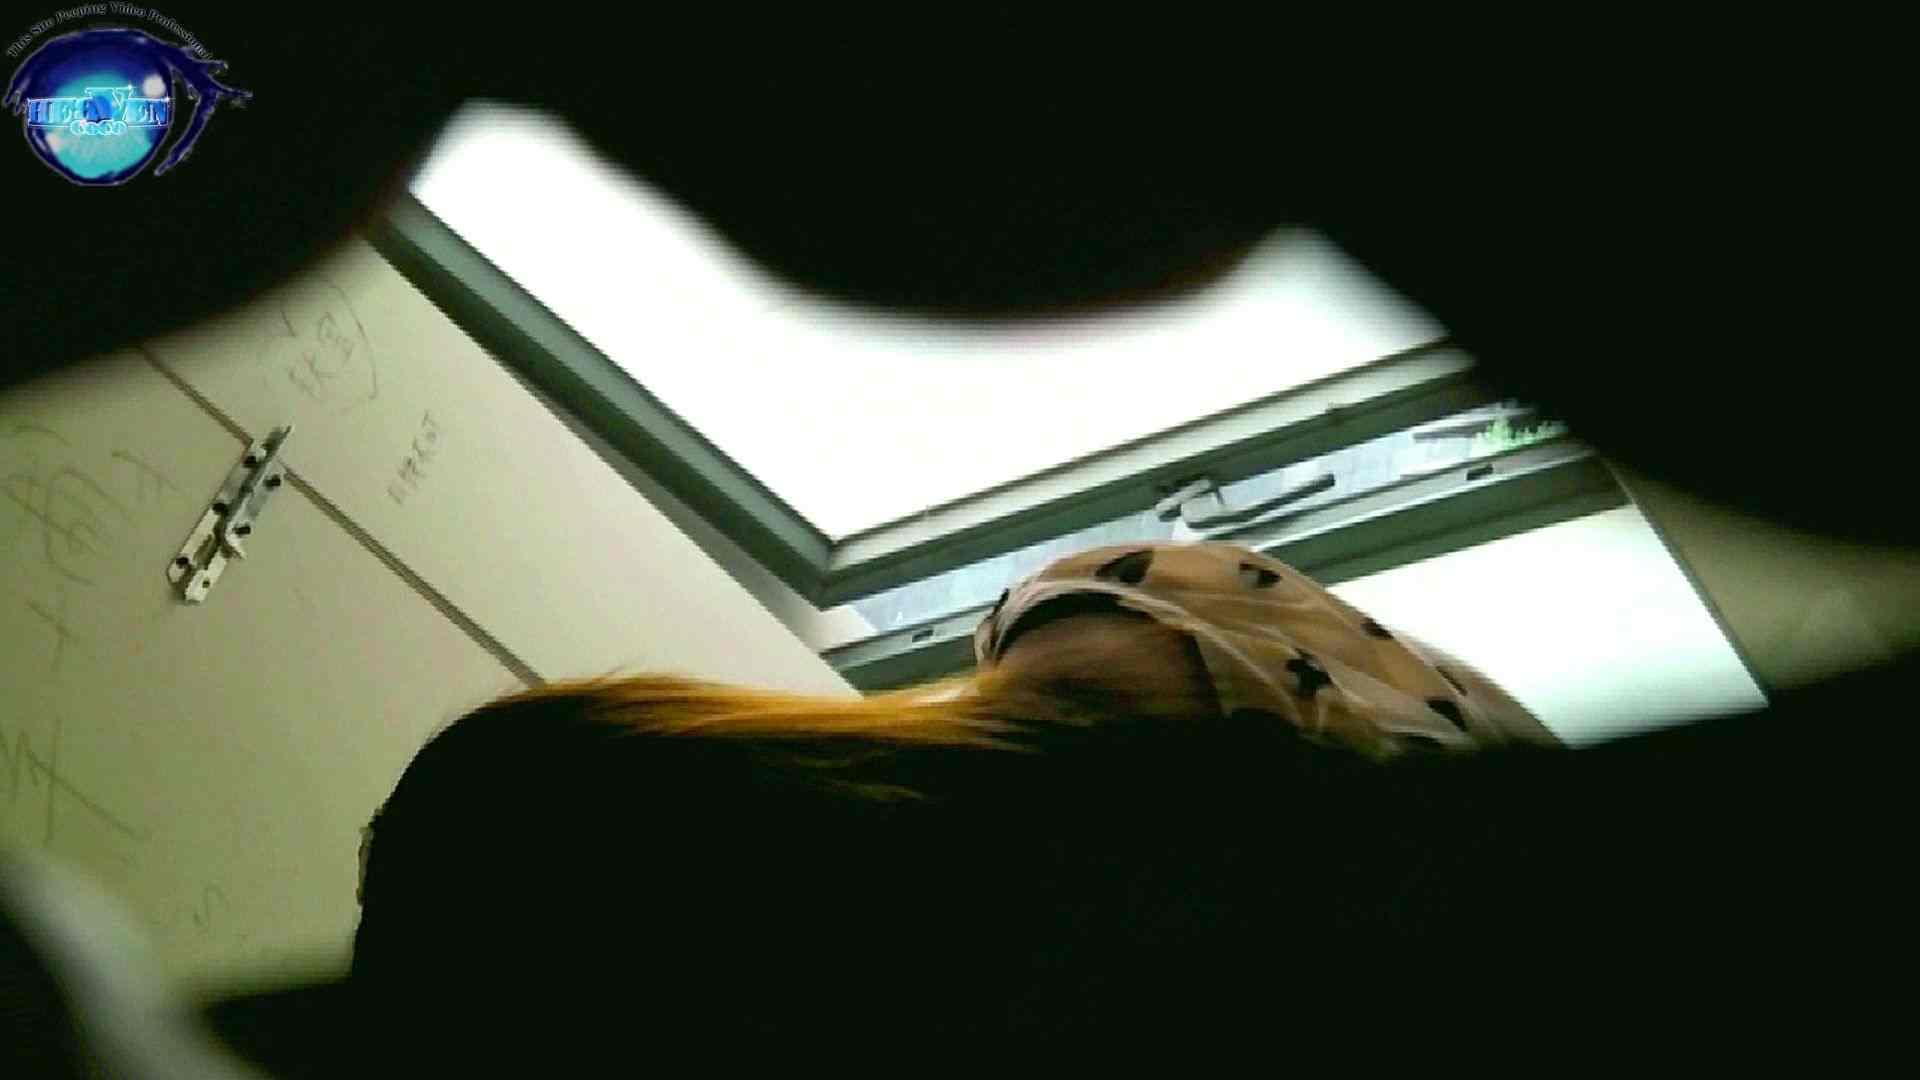 世界の射窓から vol.29 後編 HなOL AV無料 111pic 86